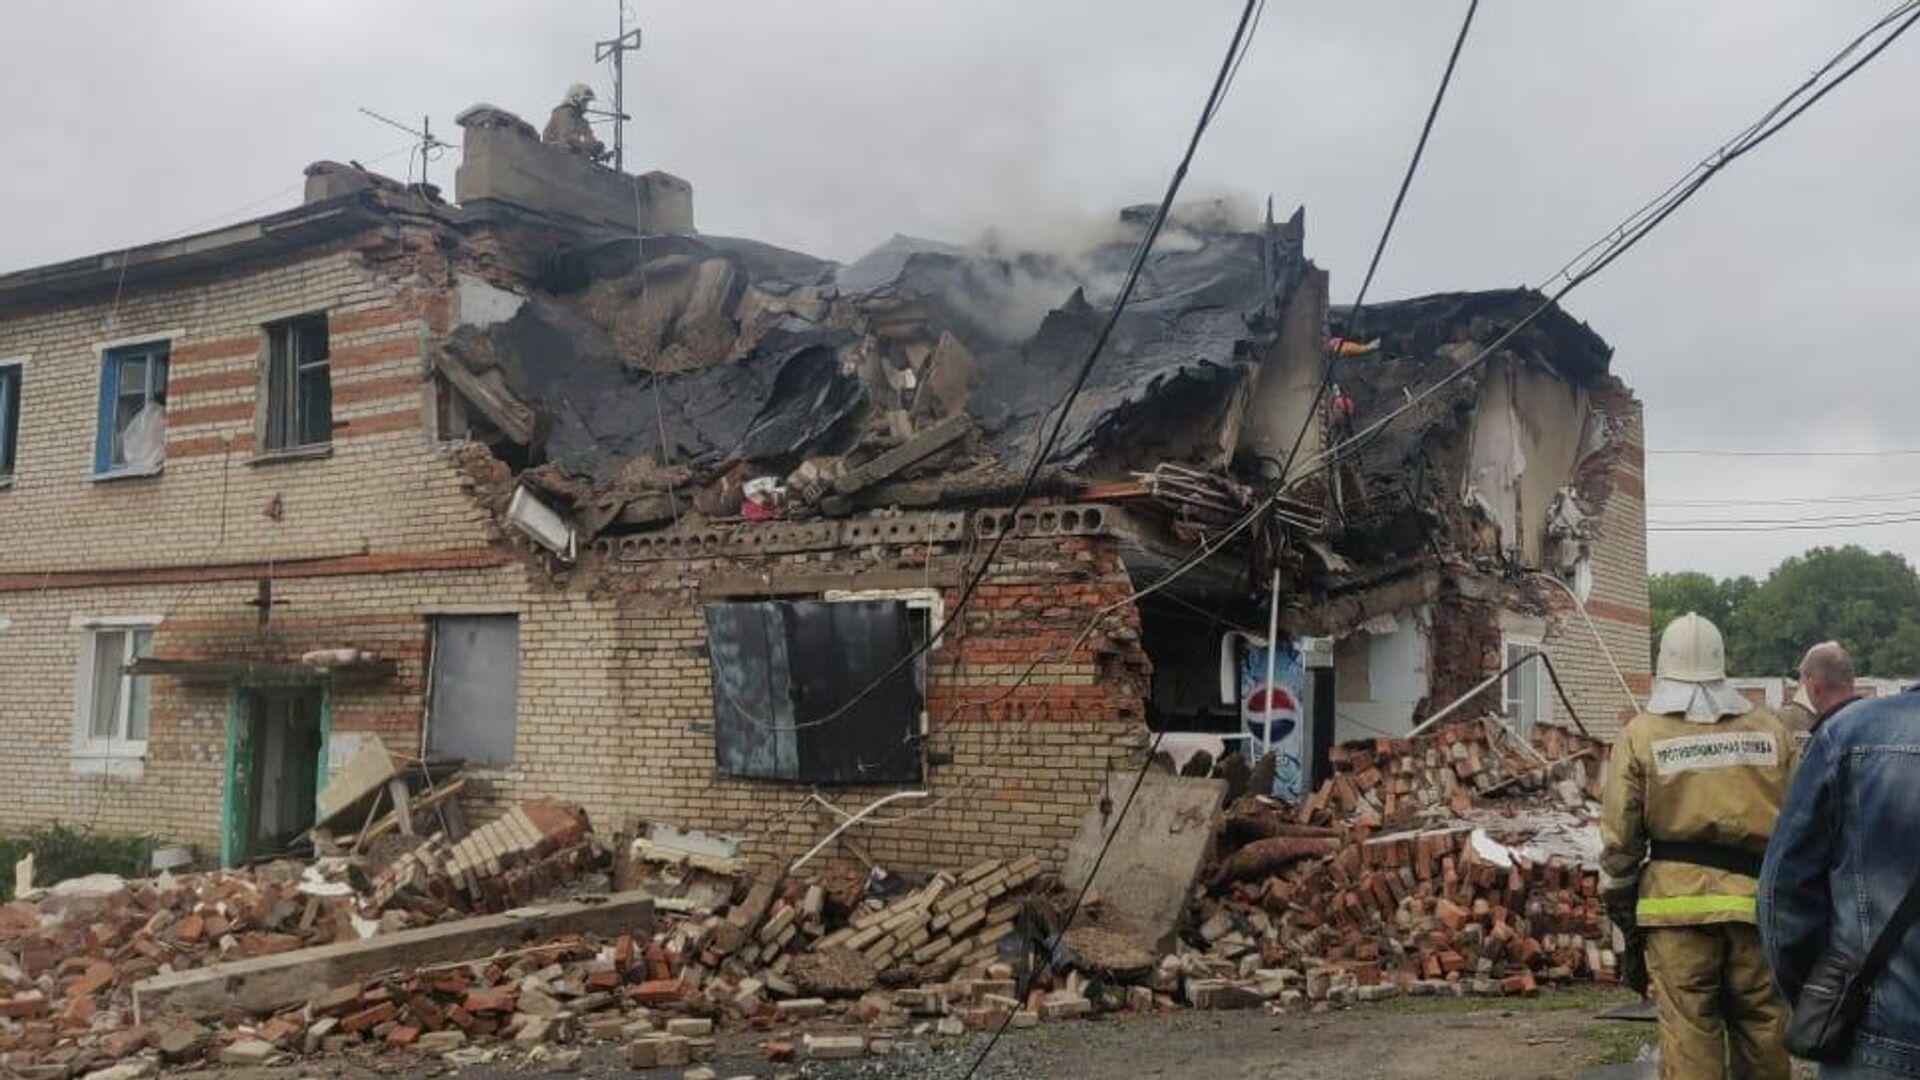 На месте взрыва в жилом доме в селе Вознесенка Хорольского района в Приморье - РИА Новости, 1920, 18.09.2020